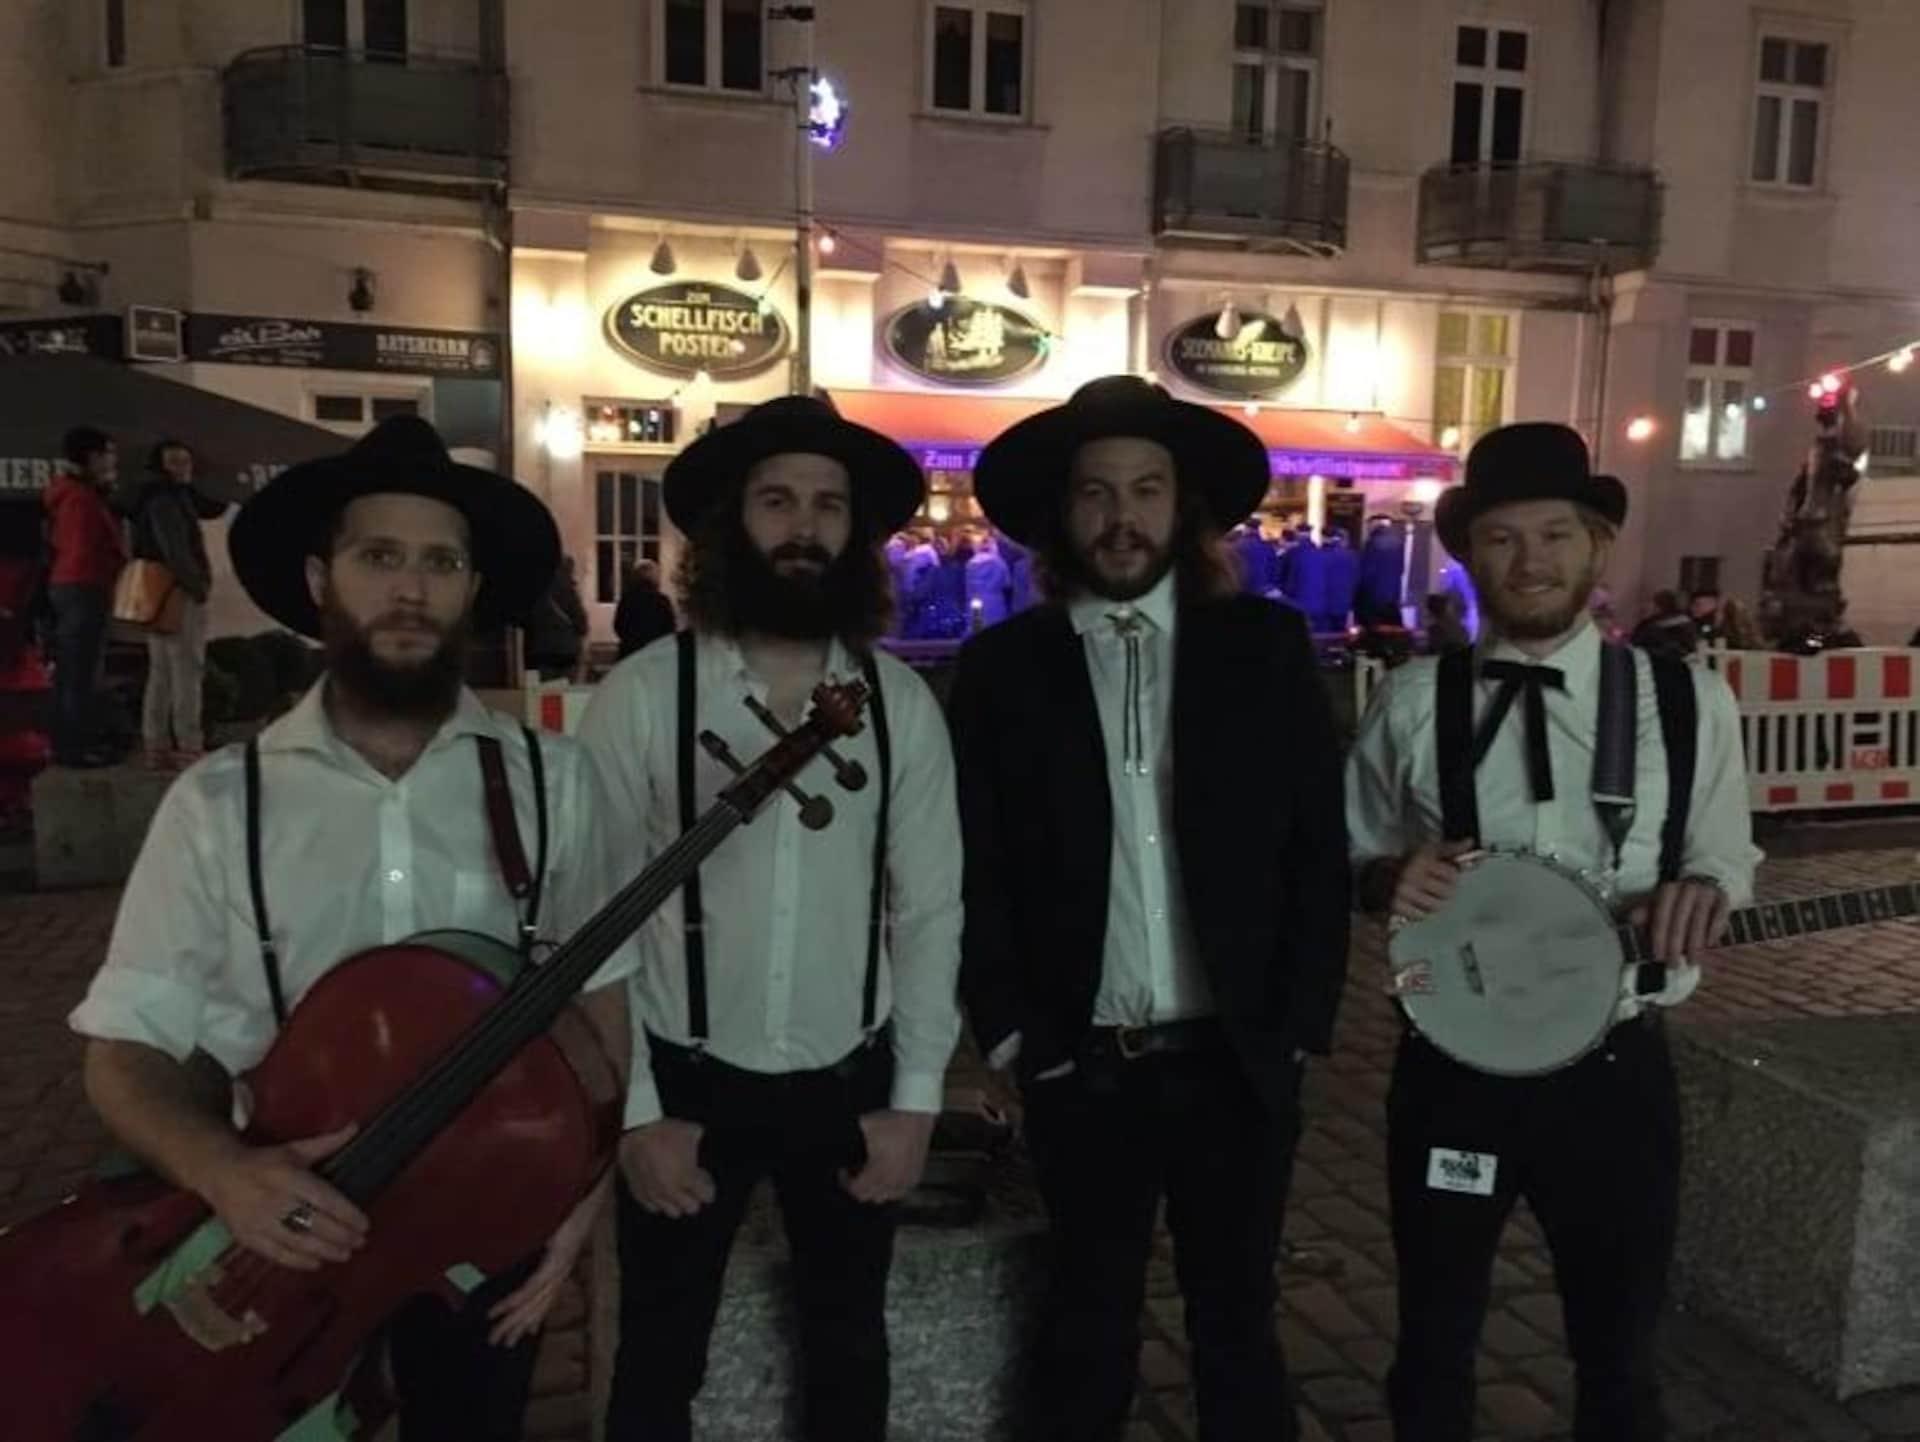 Quatre hommes se tiennent debout côte à côte dans une rue pour prendre une photo. Certains ont un instrument de musique à la main.